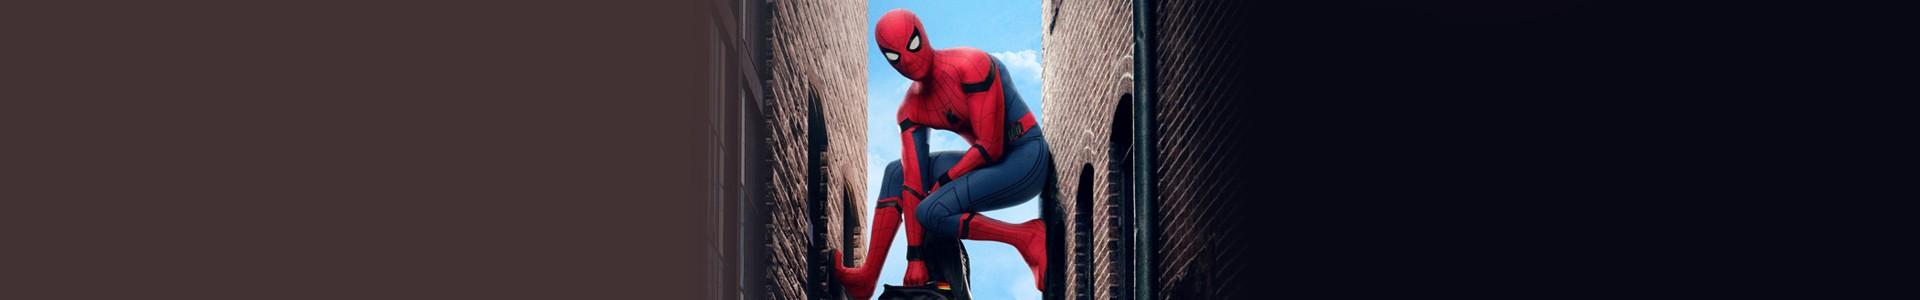 Uniforme do Homem-Aranha usado por Tom Holland está em leilão e você pode compra-lo